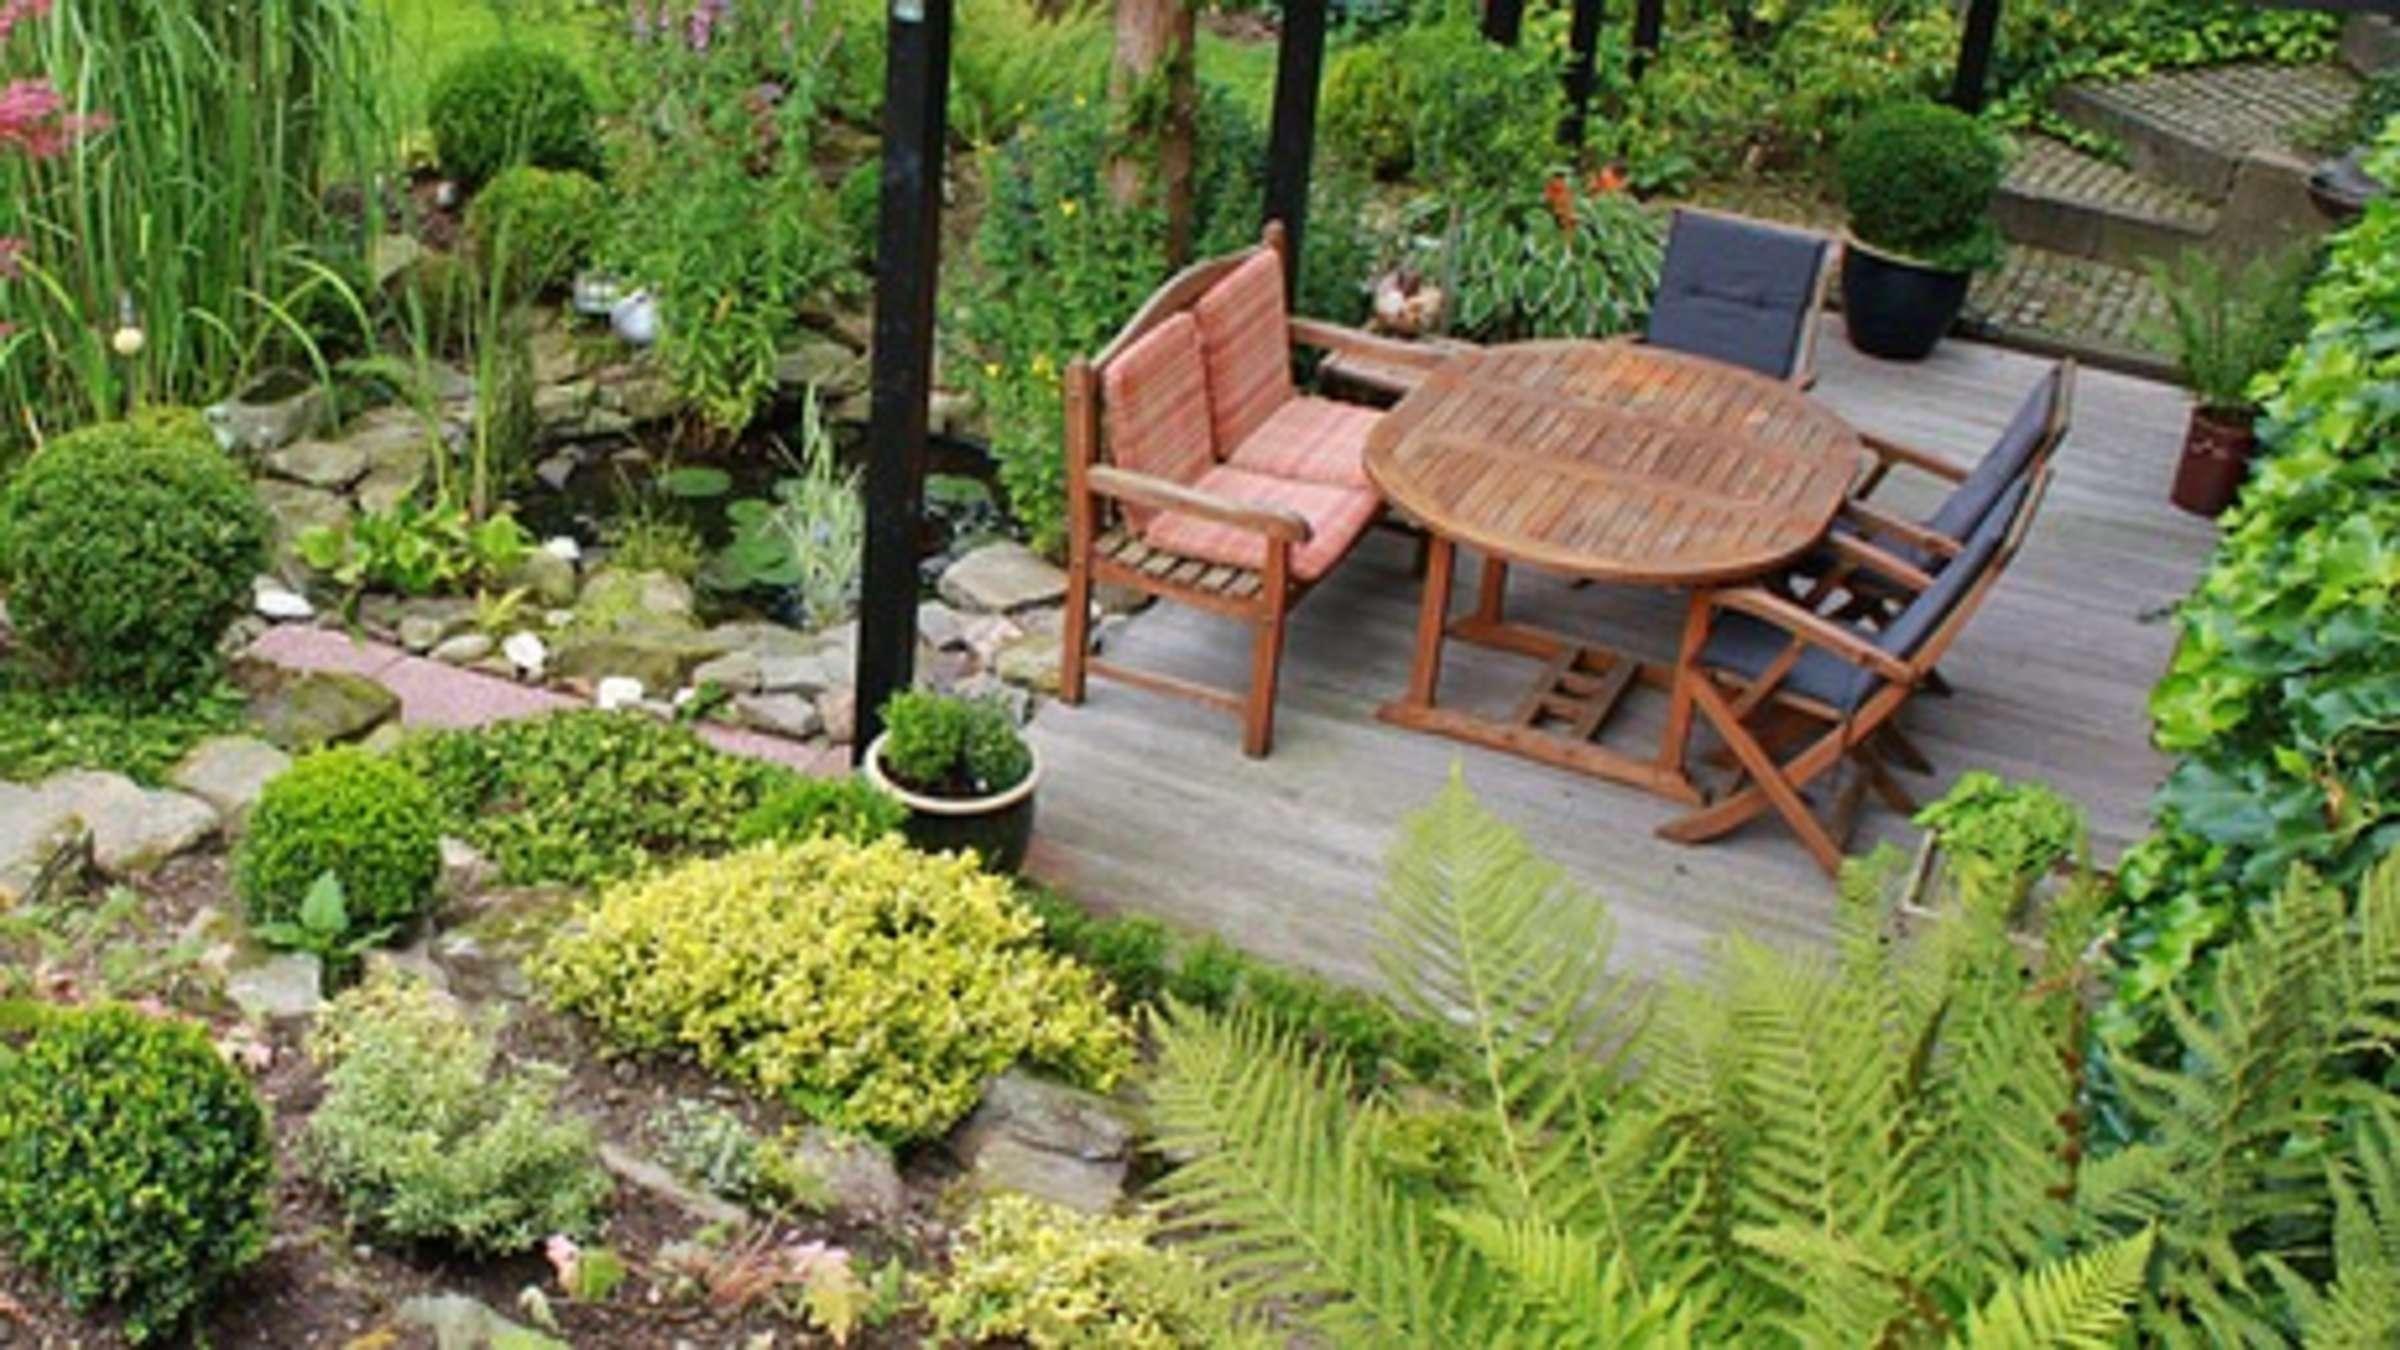 Garten verschönern schnell gemacht vier einfache Tipps   Wohnen